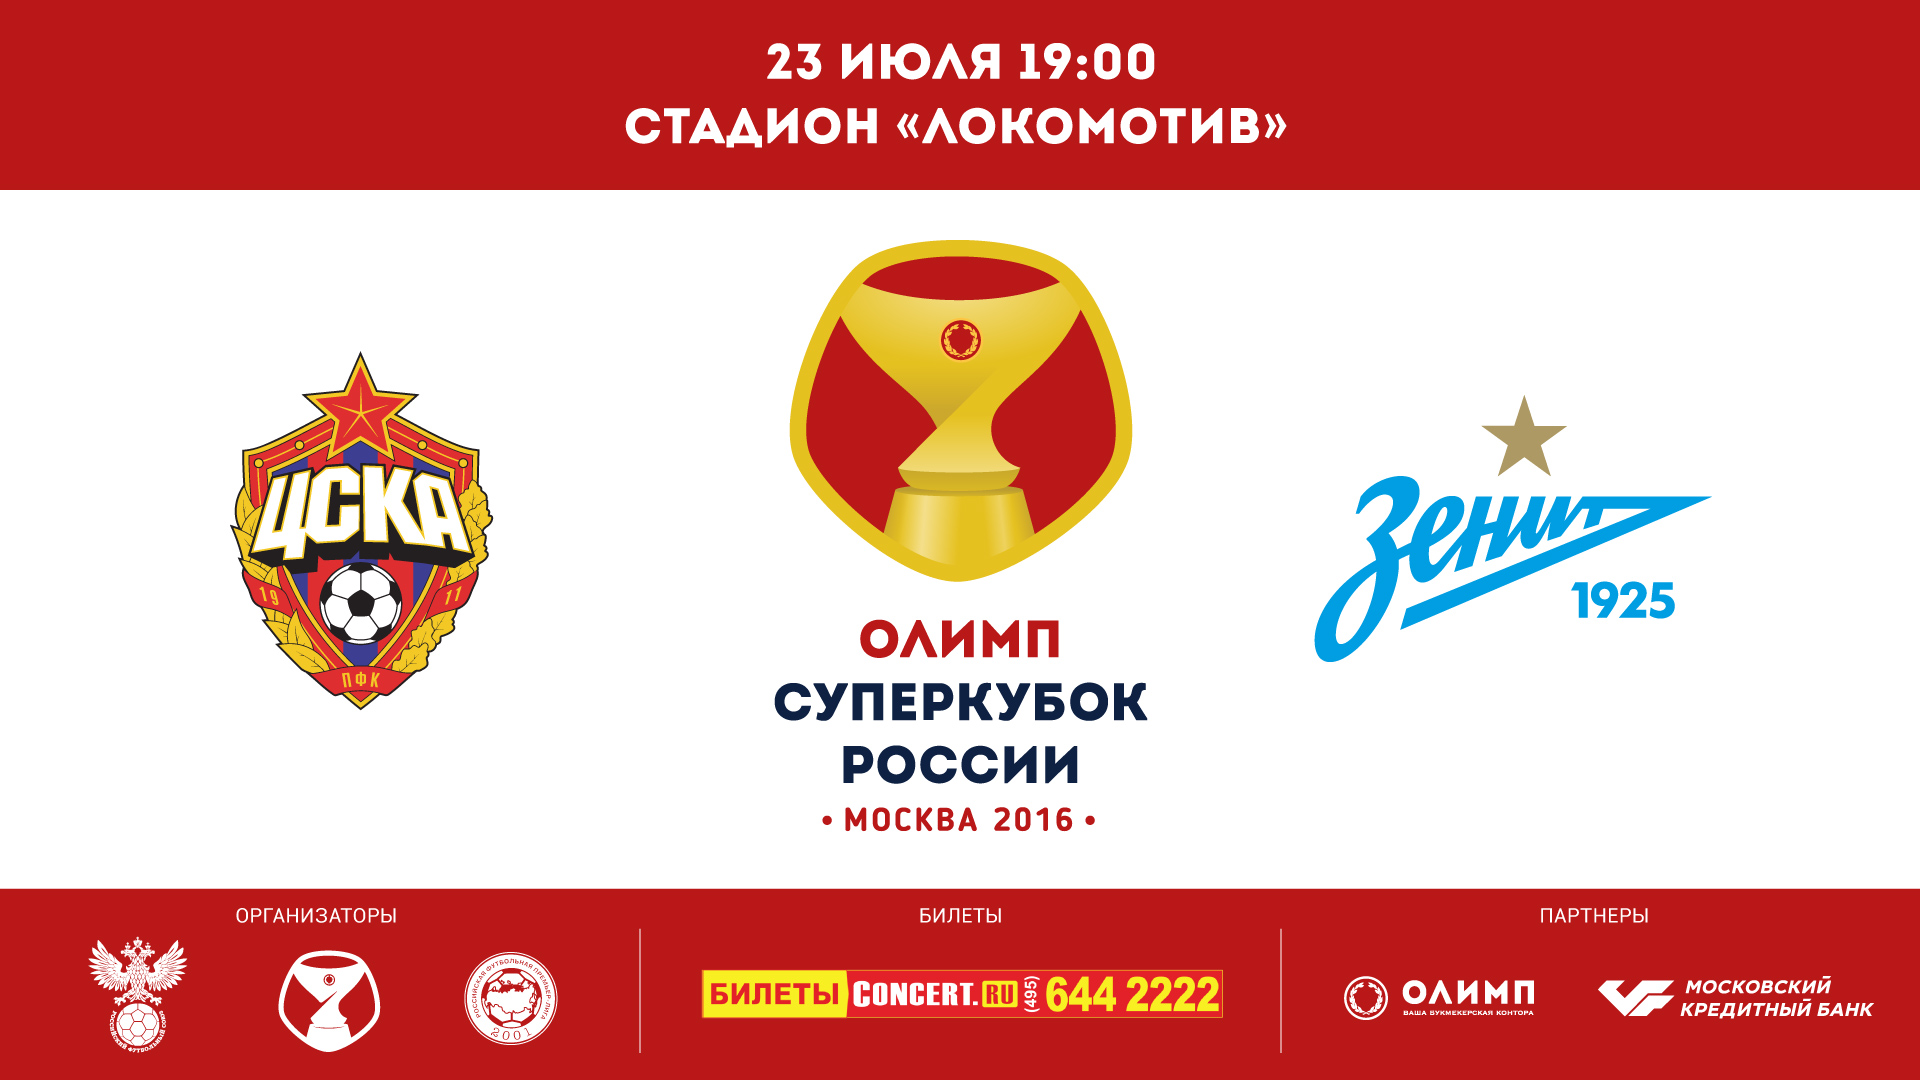 Билеты на ОЛИМП Суперкубок России в кассах «Локомотива»